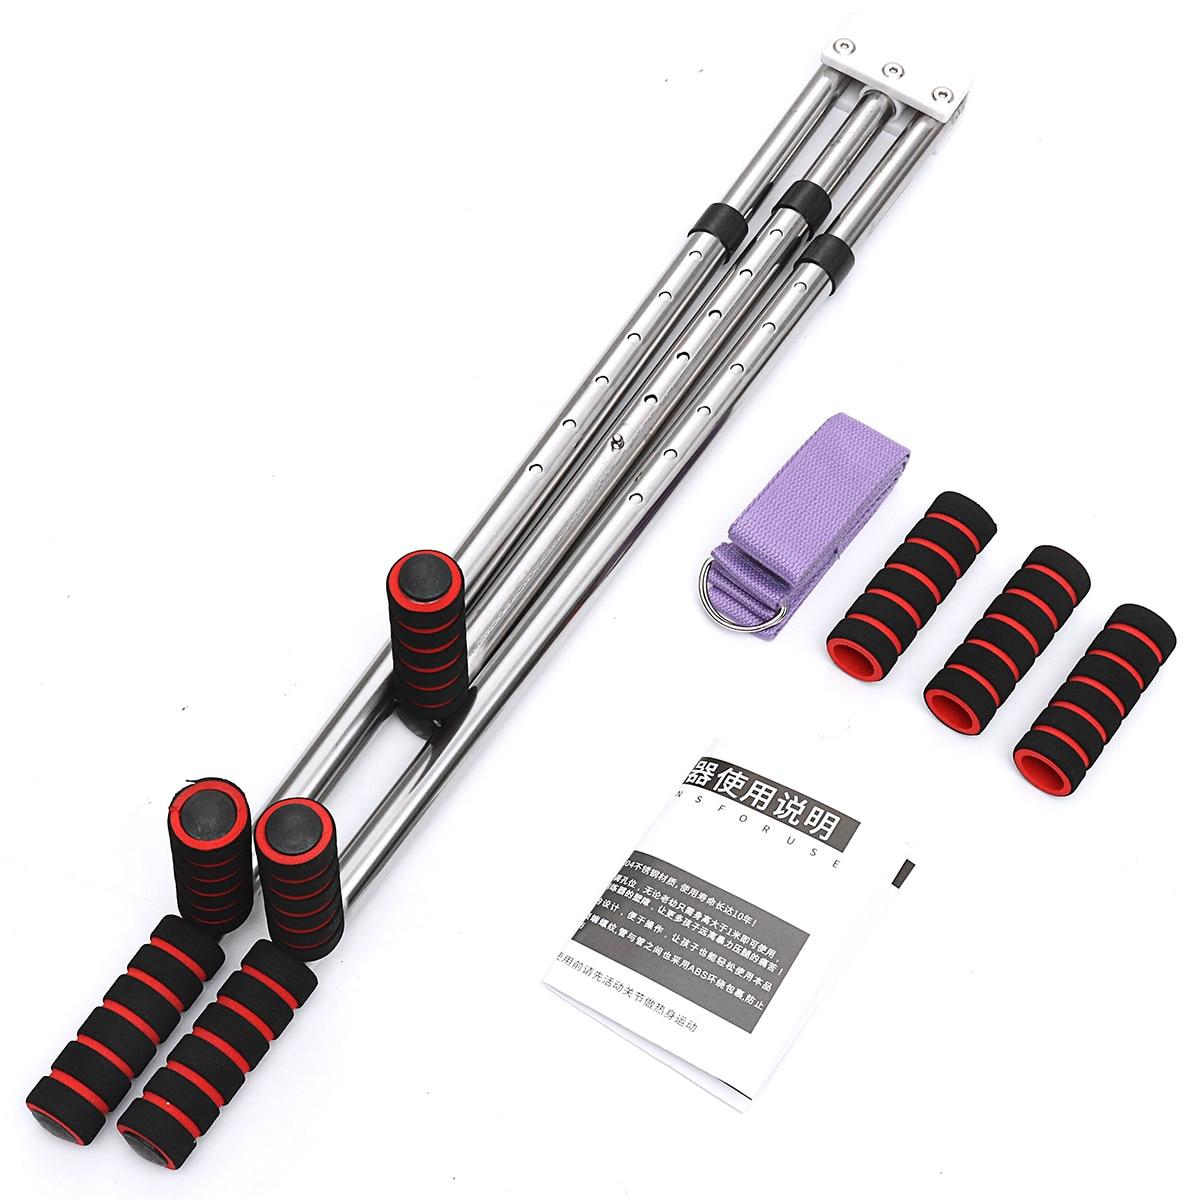 Универсальный разделенный Растяжка ног аппарат гибкий тренировочный прибор для физических упражнений ножка связка носилки устройство